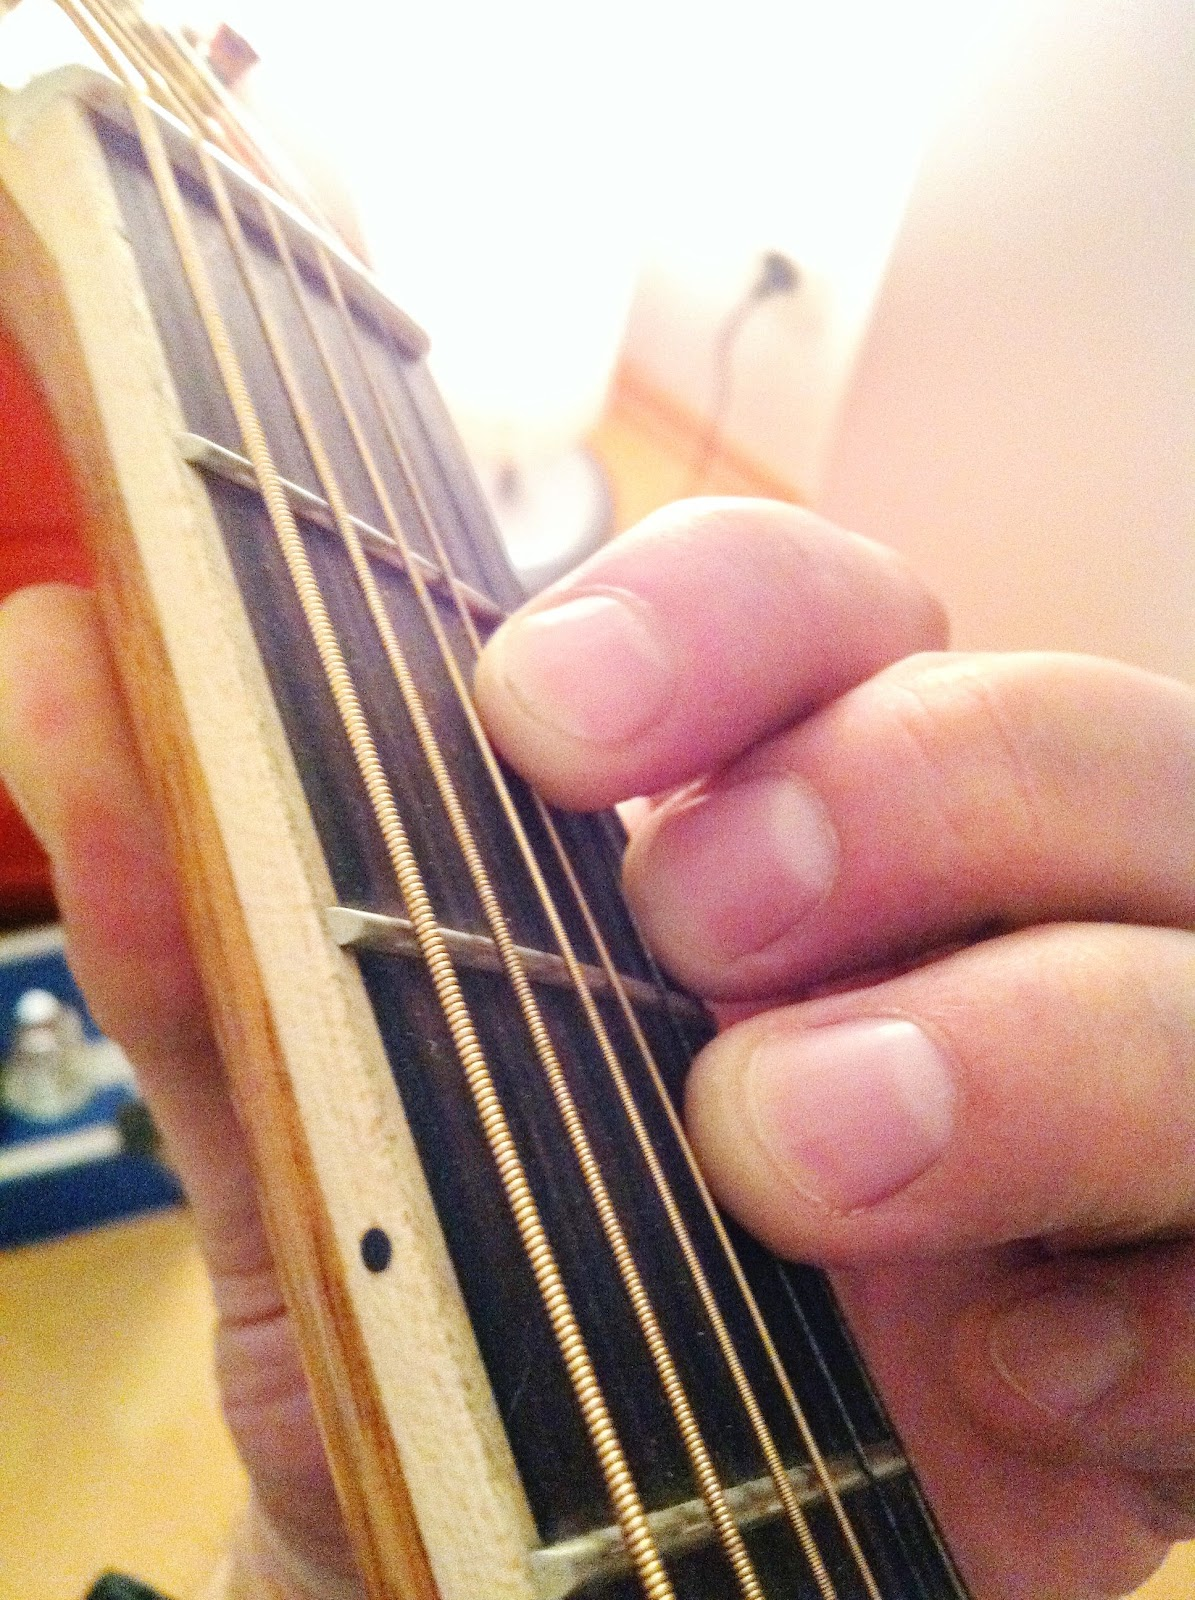 Dur-Griffe leichter greifen | Einfach geiler Gitarre spielen!